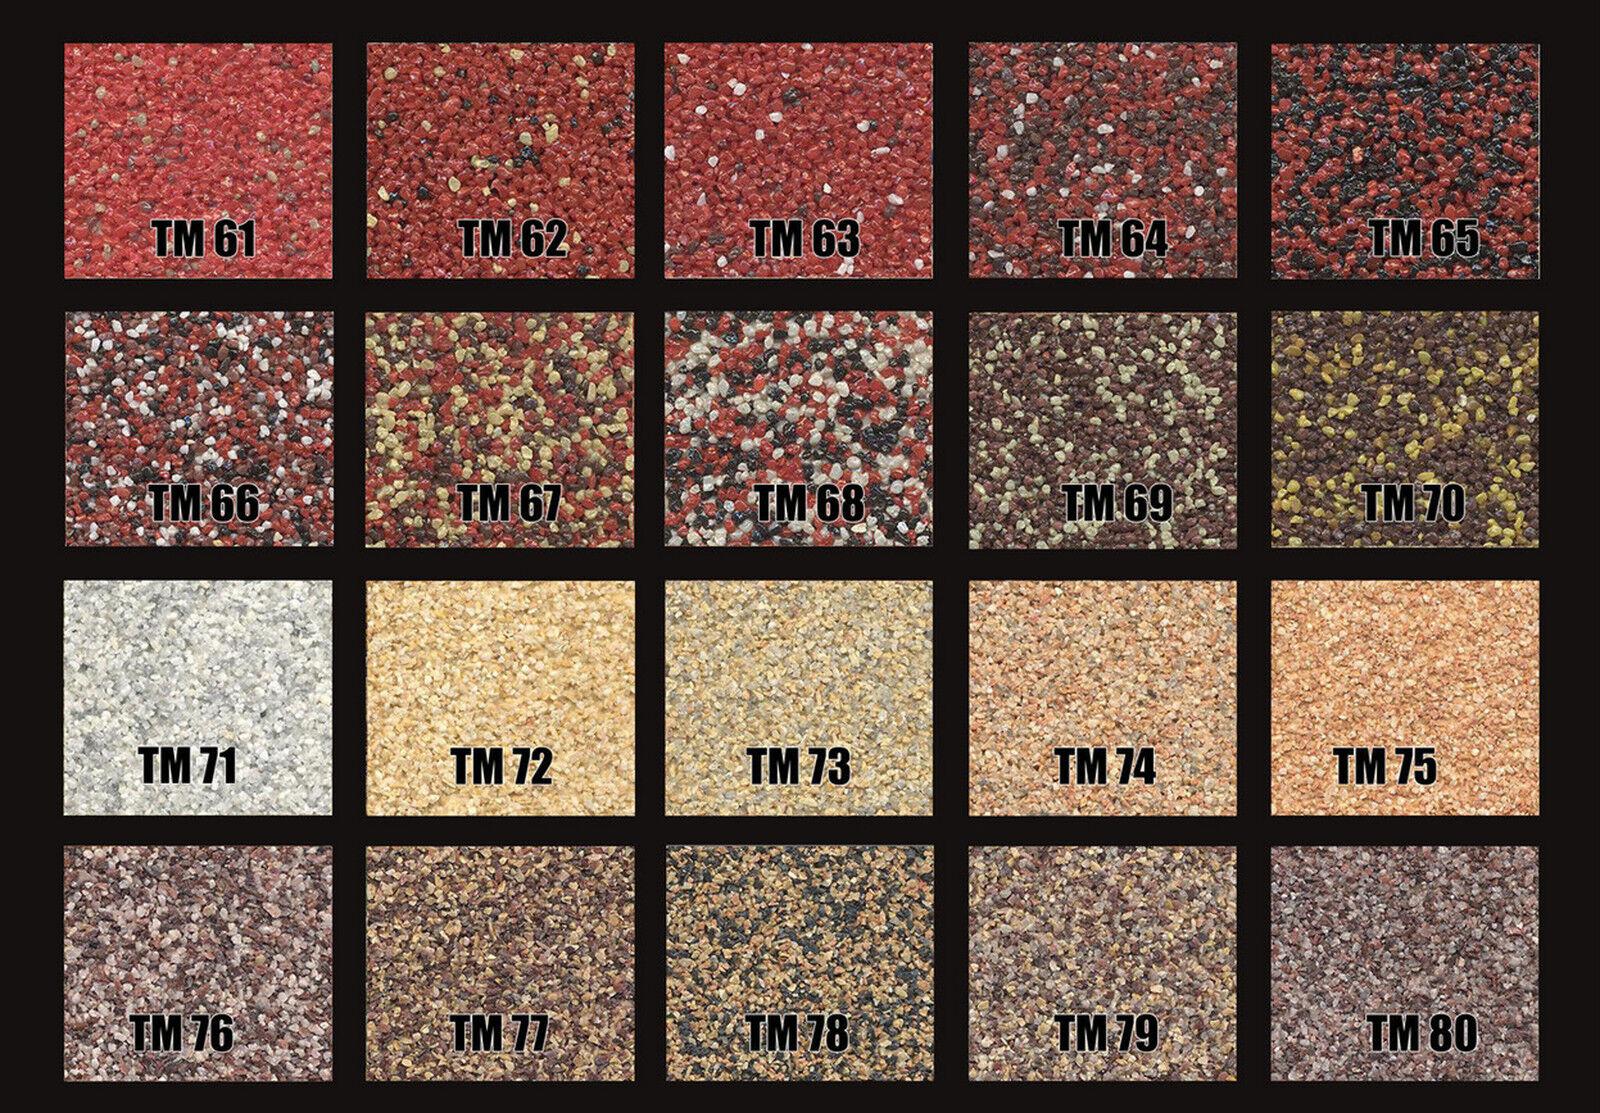 Natursteinputz, Mosaikputz, Buntsteinputz 15 kg Eimer